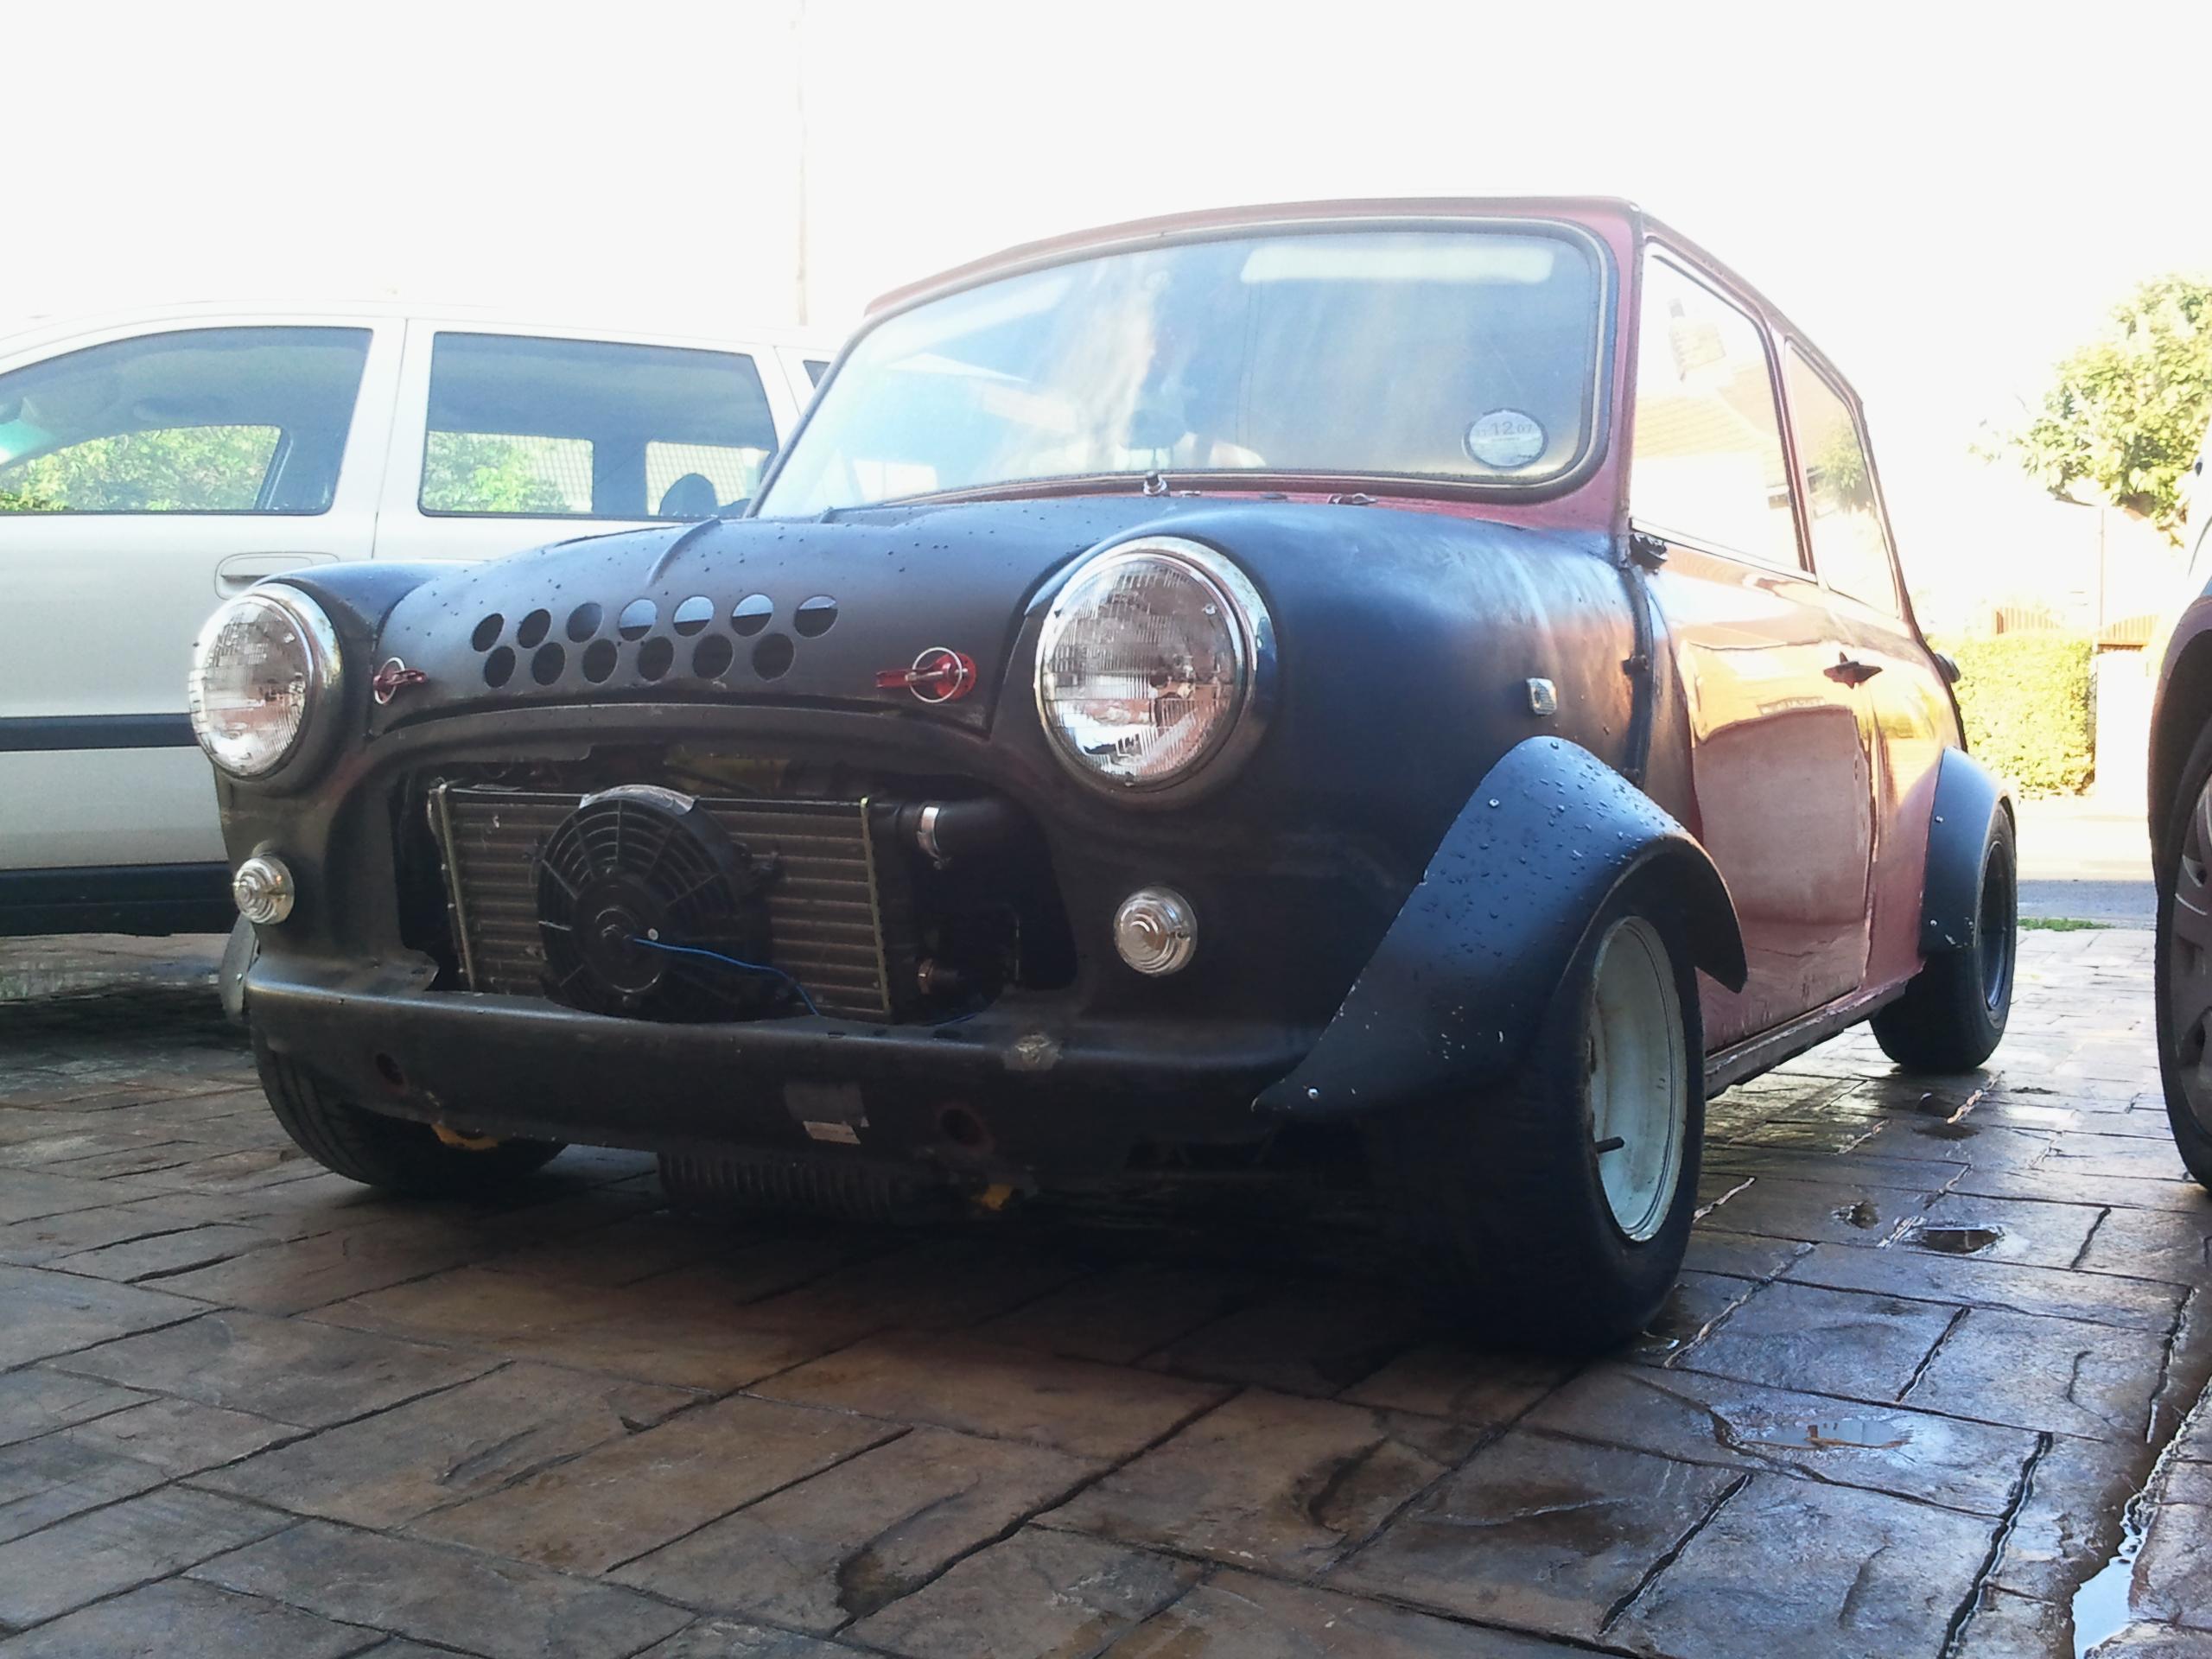 bretts honda vtec turbo awd mini conversion  sale shortly turbominis